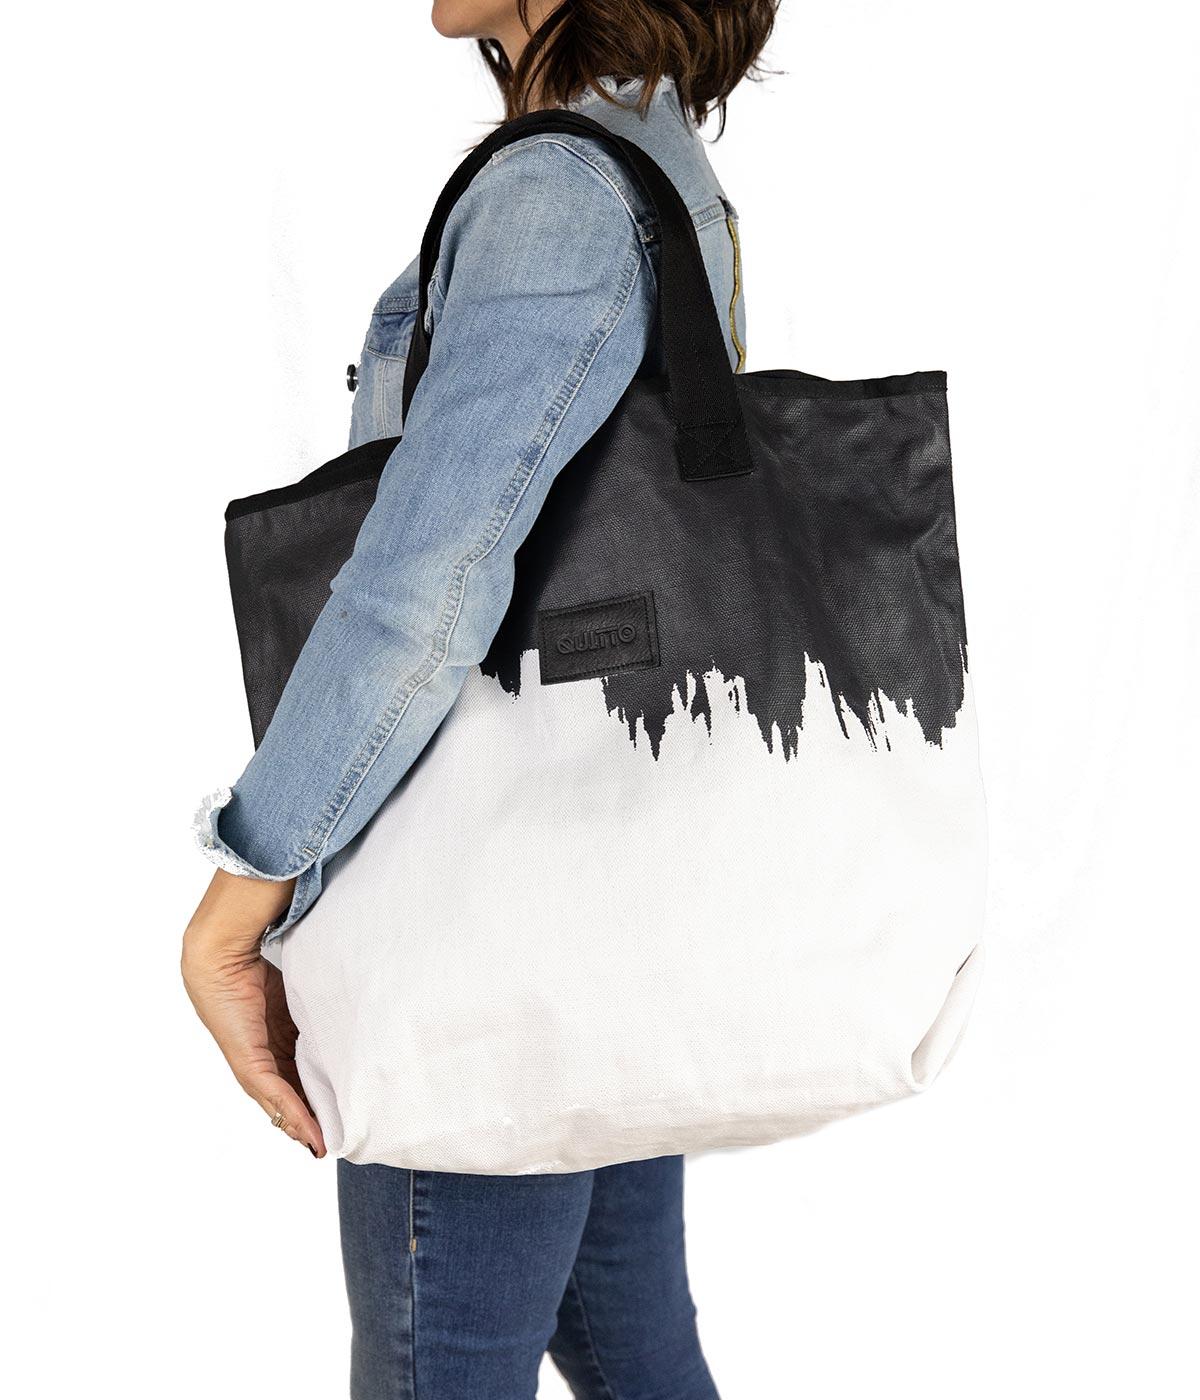 Sacca Rettangolare Impermeabile Bianca e Nera Quitto Bags